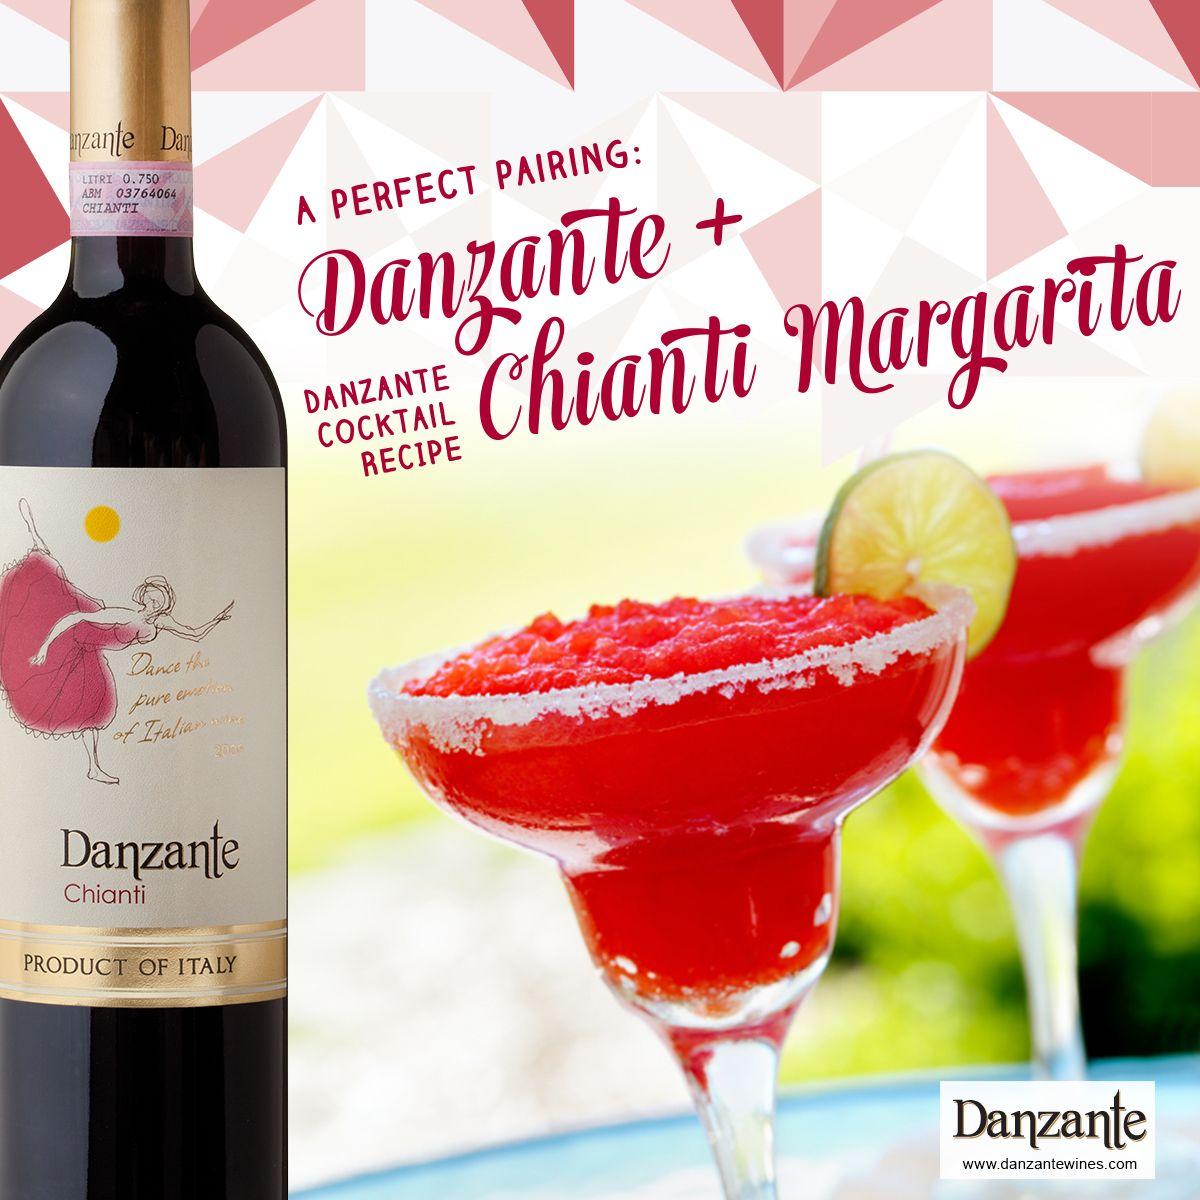 Danzante Chianti Margarita Recipe Wine Cocktail Recipes Margarita Margarita Cocktail